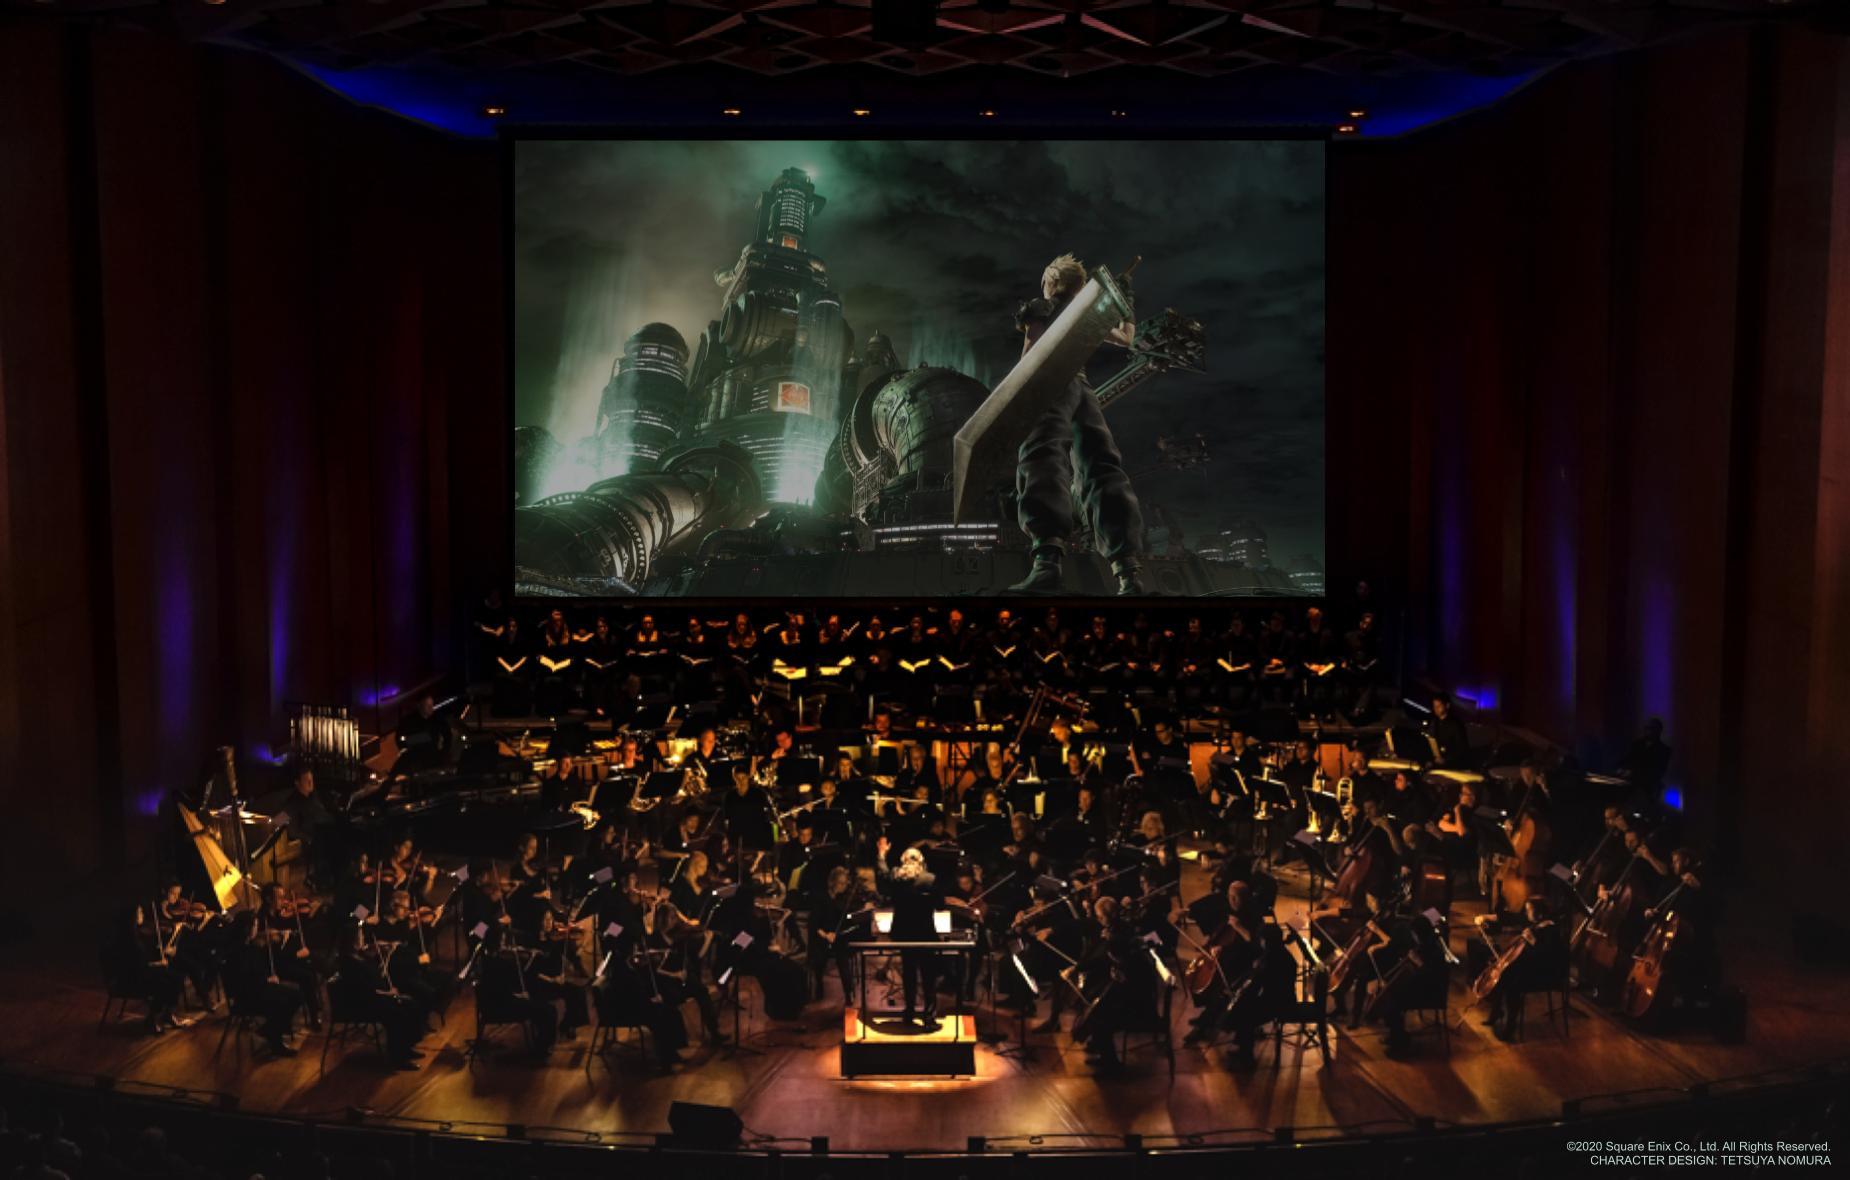 Gira mundial de Final Fantasy VII Remake Orchestra